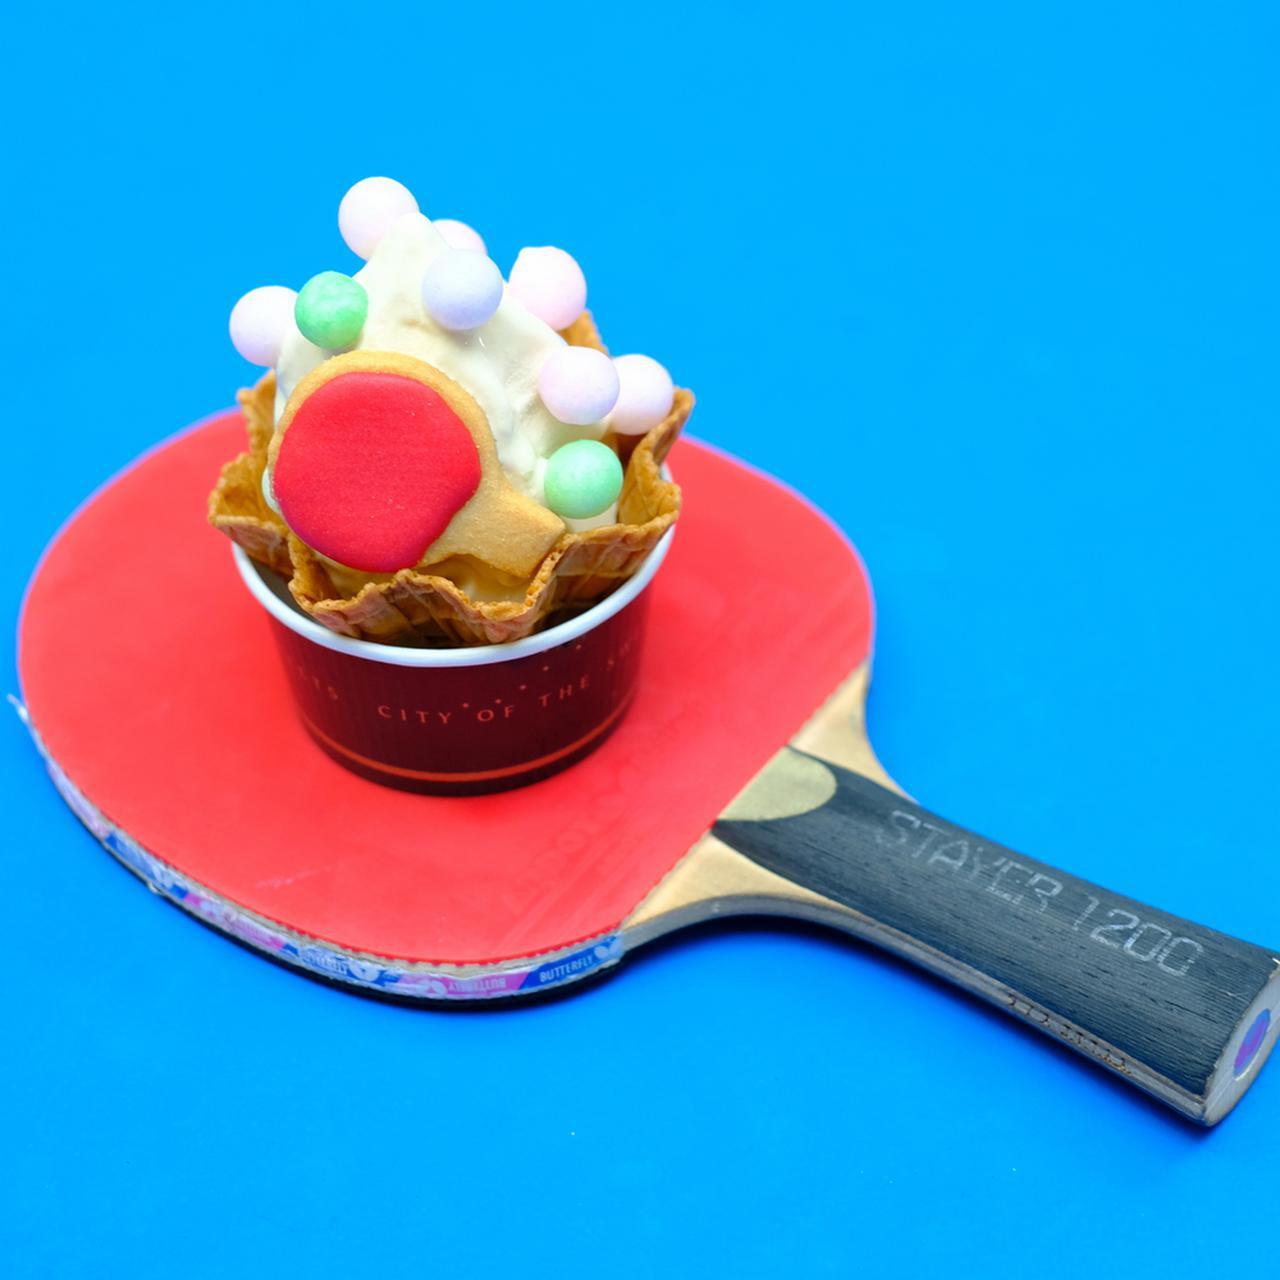 画像: 四国名産である「和三盆」を使ったスイーツを食べにいきます。